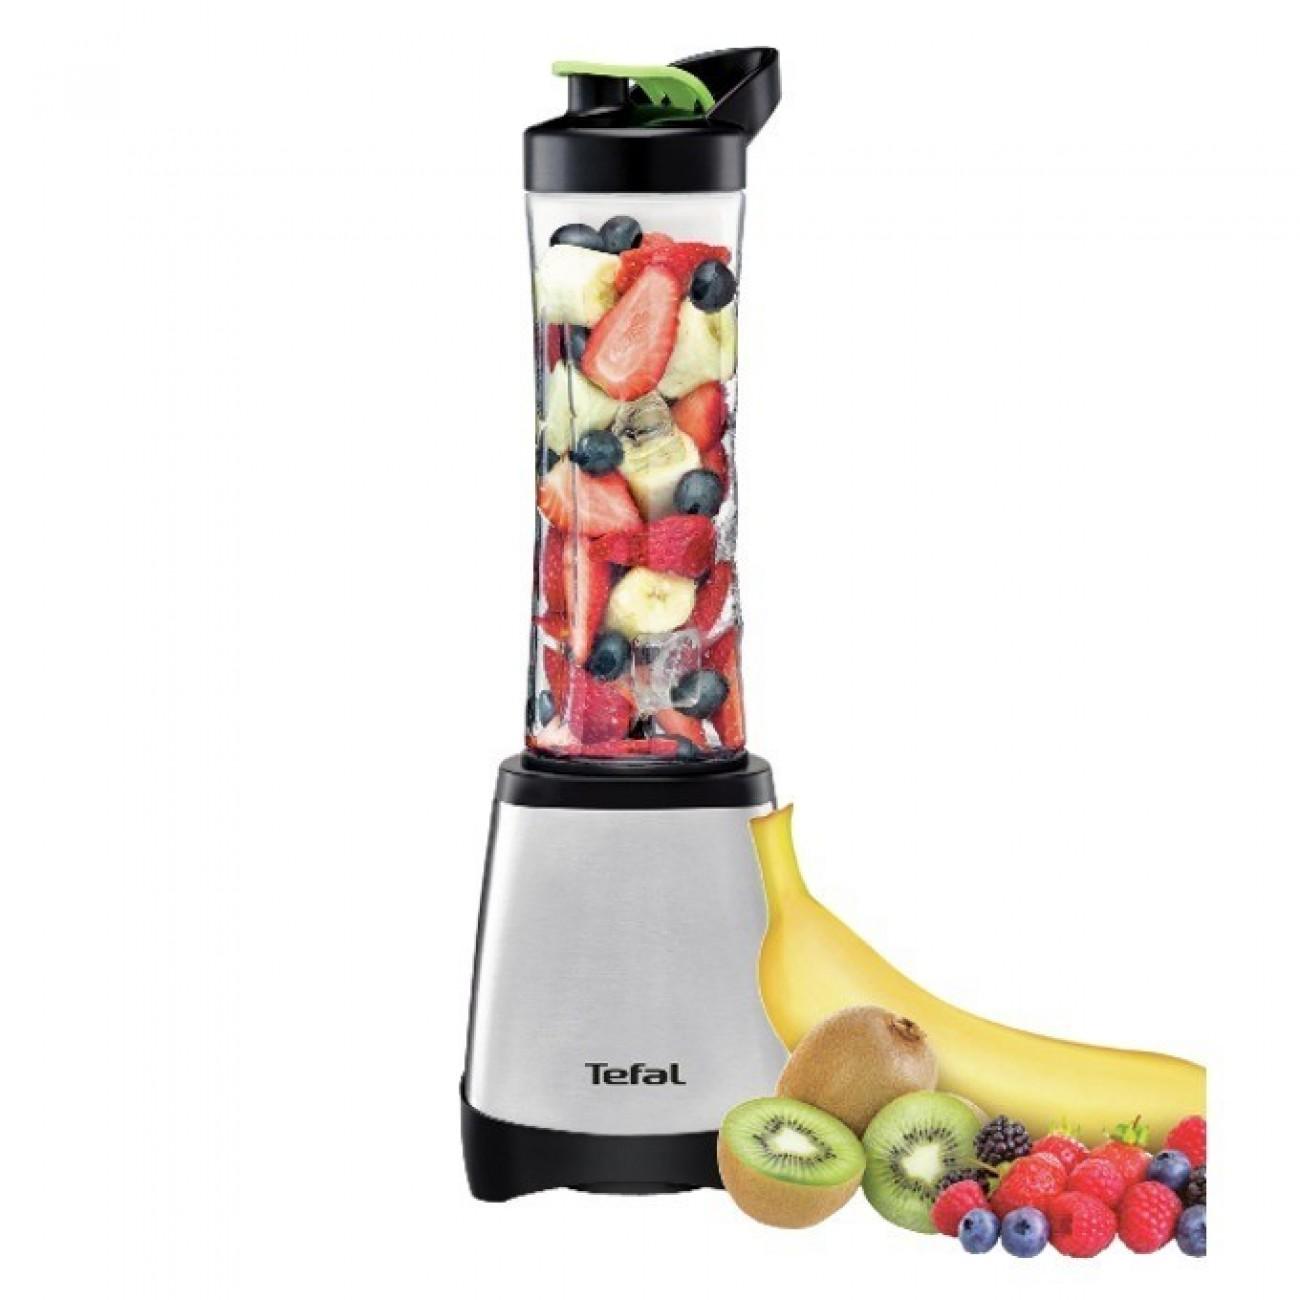 Блендер Tefal BL1A0D38, 0.6 л. обем, 4 сменяеми ножа, възможност за миене в съдомиялна машина, 300W, инокс в Блендери -  | Alleop